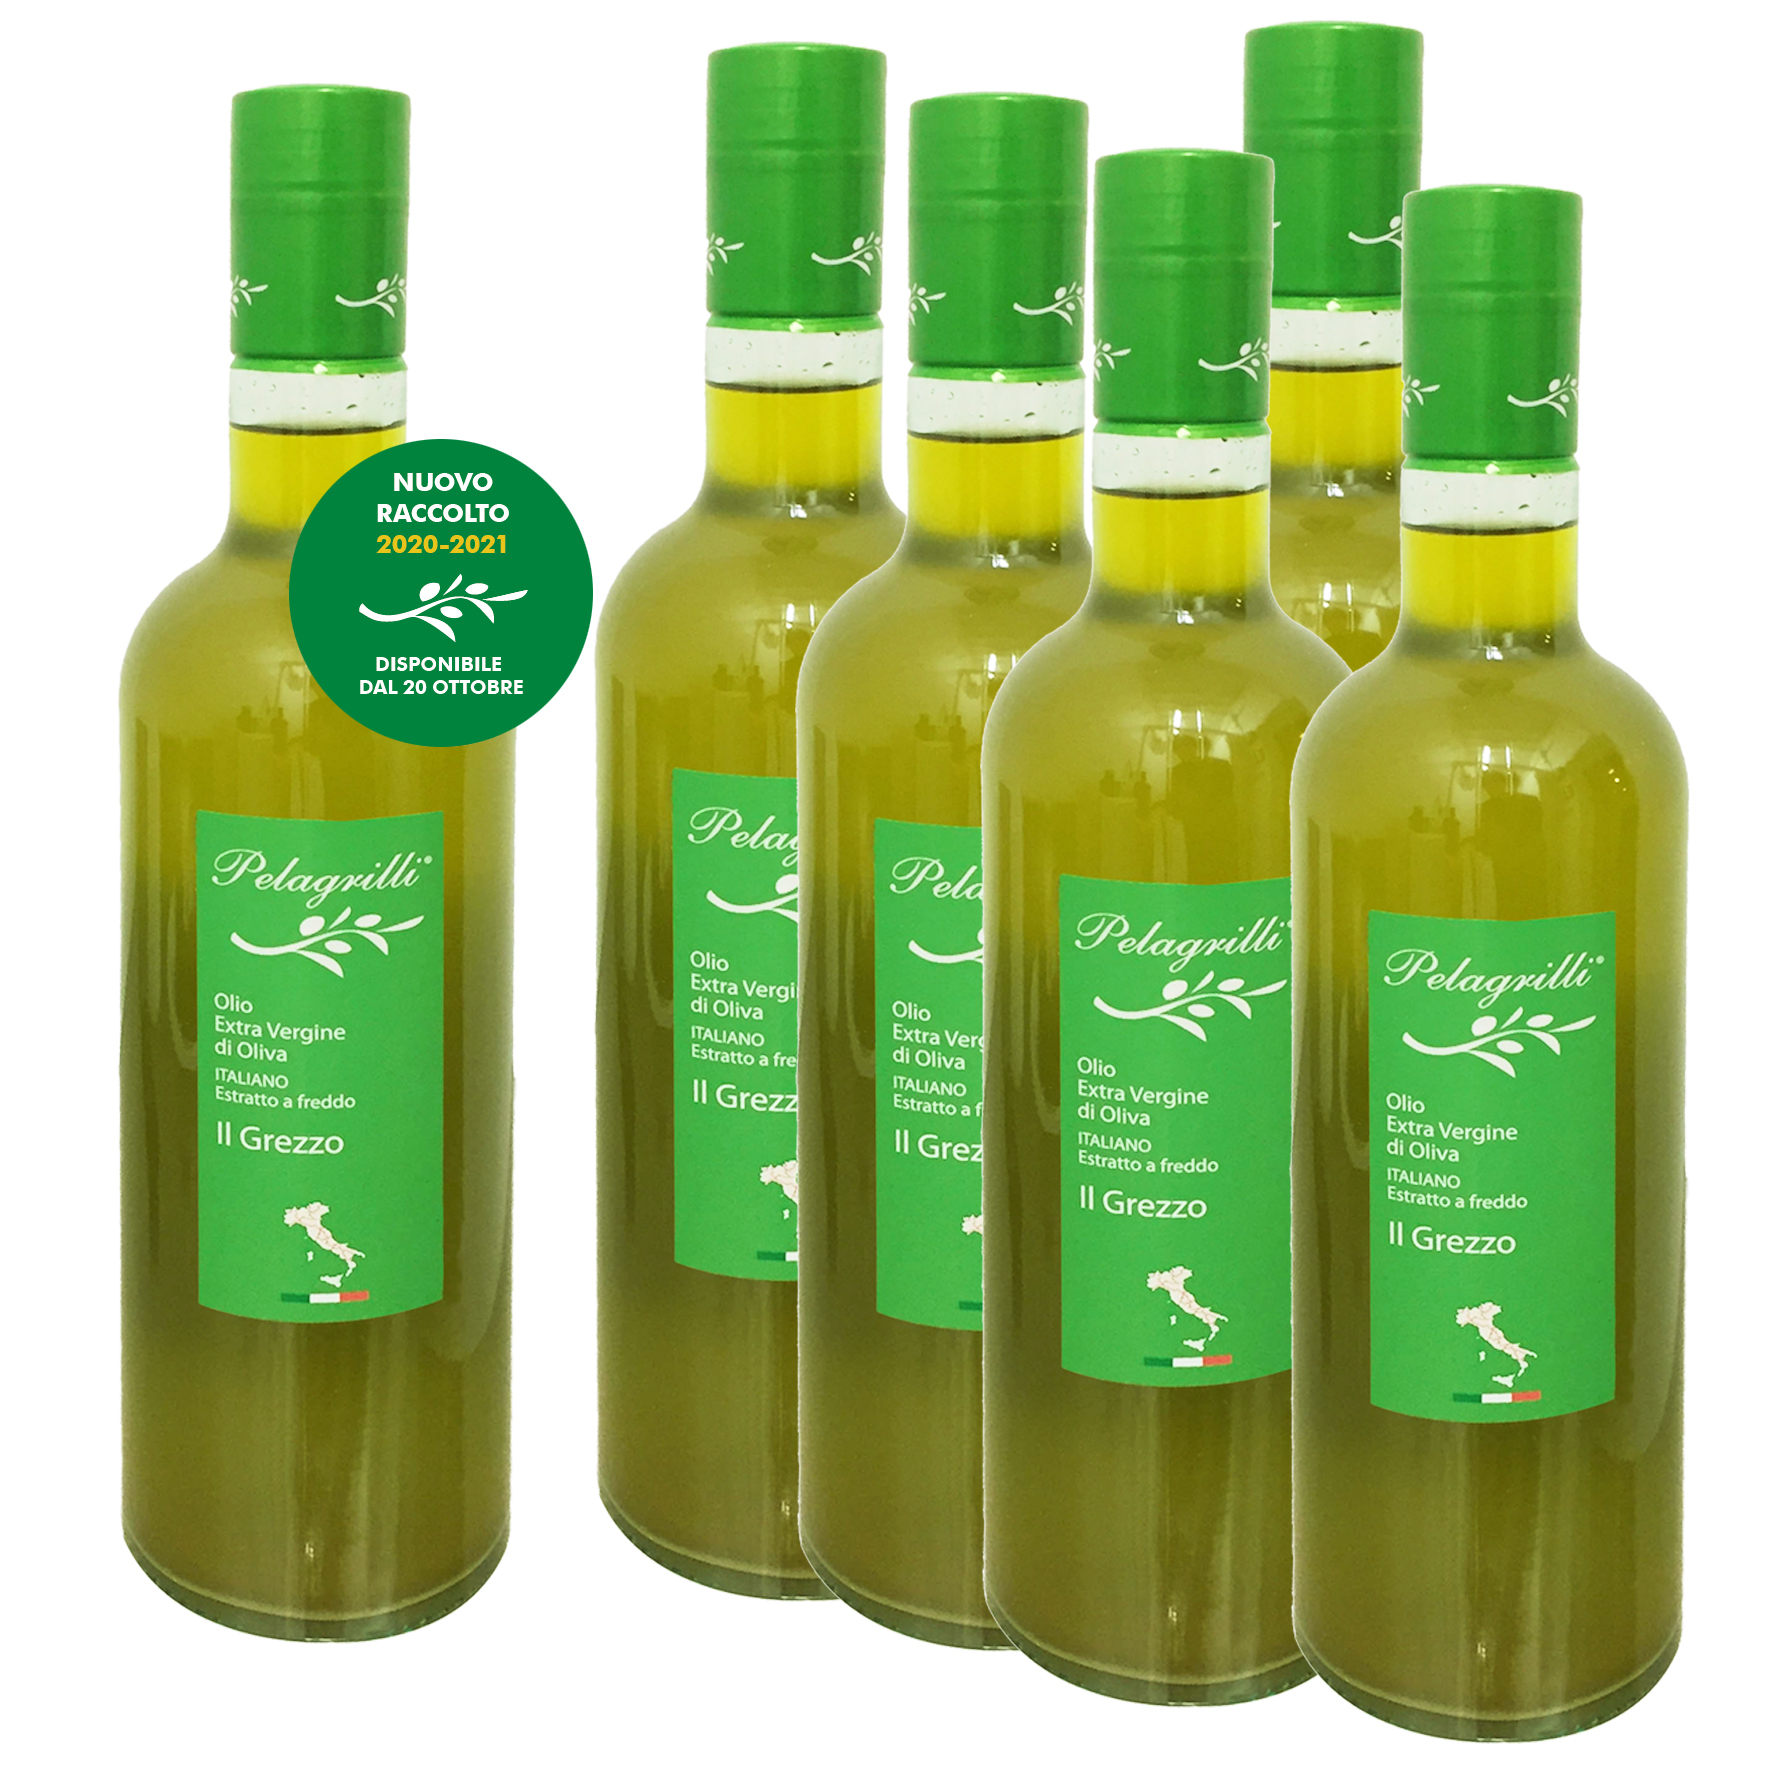 100% ITALIANO - Olio extravergine di oliva confezione da 6 bottiglie da LT 0,75 ciascuna - Raccolto 2020-2021- estratto a freddo GREZZO